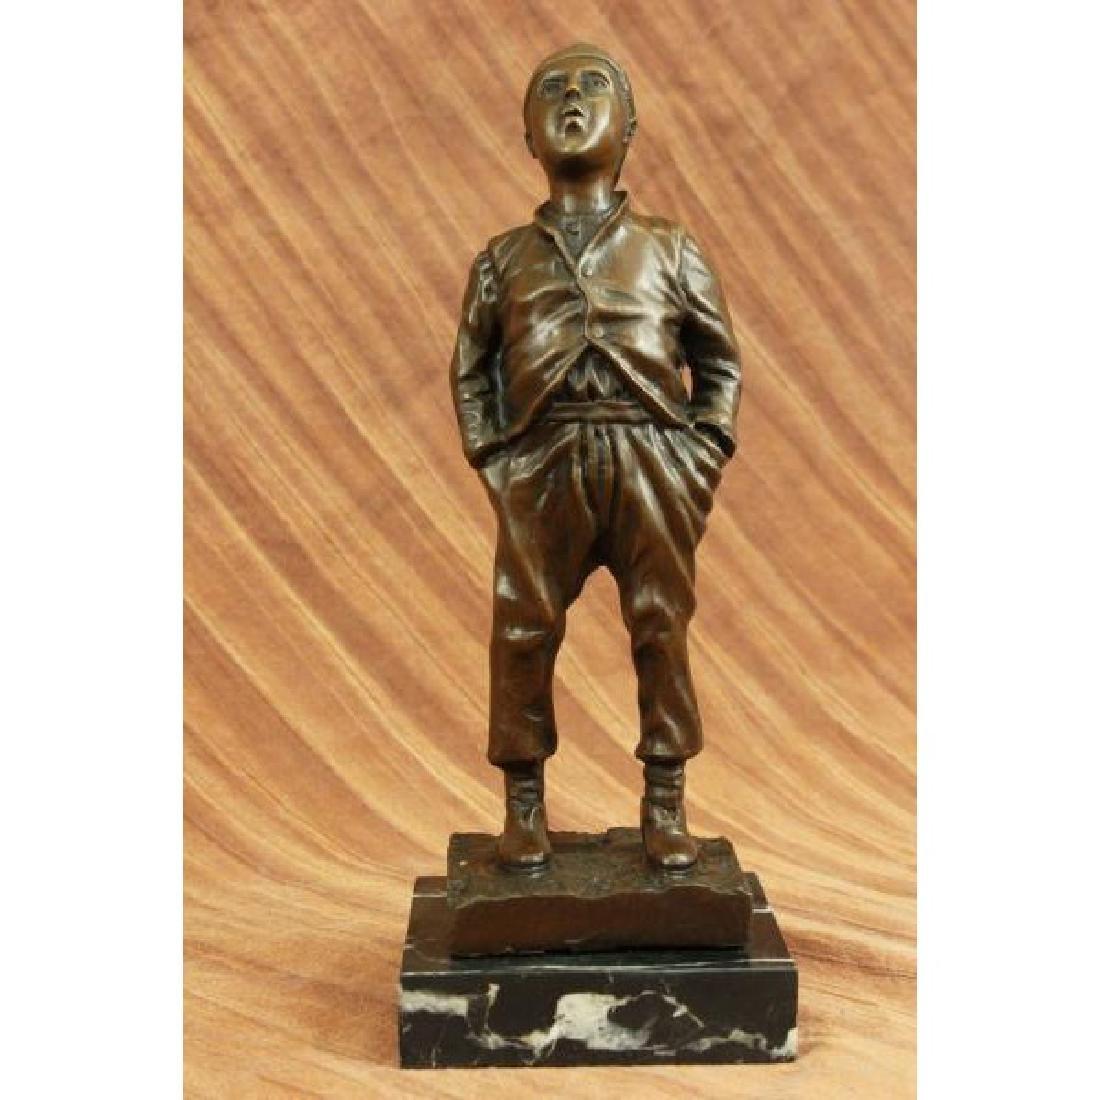 Hot Cast Whistler by Hertzberg Bronze Museum Quality